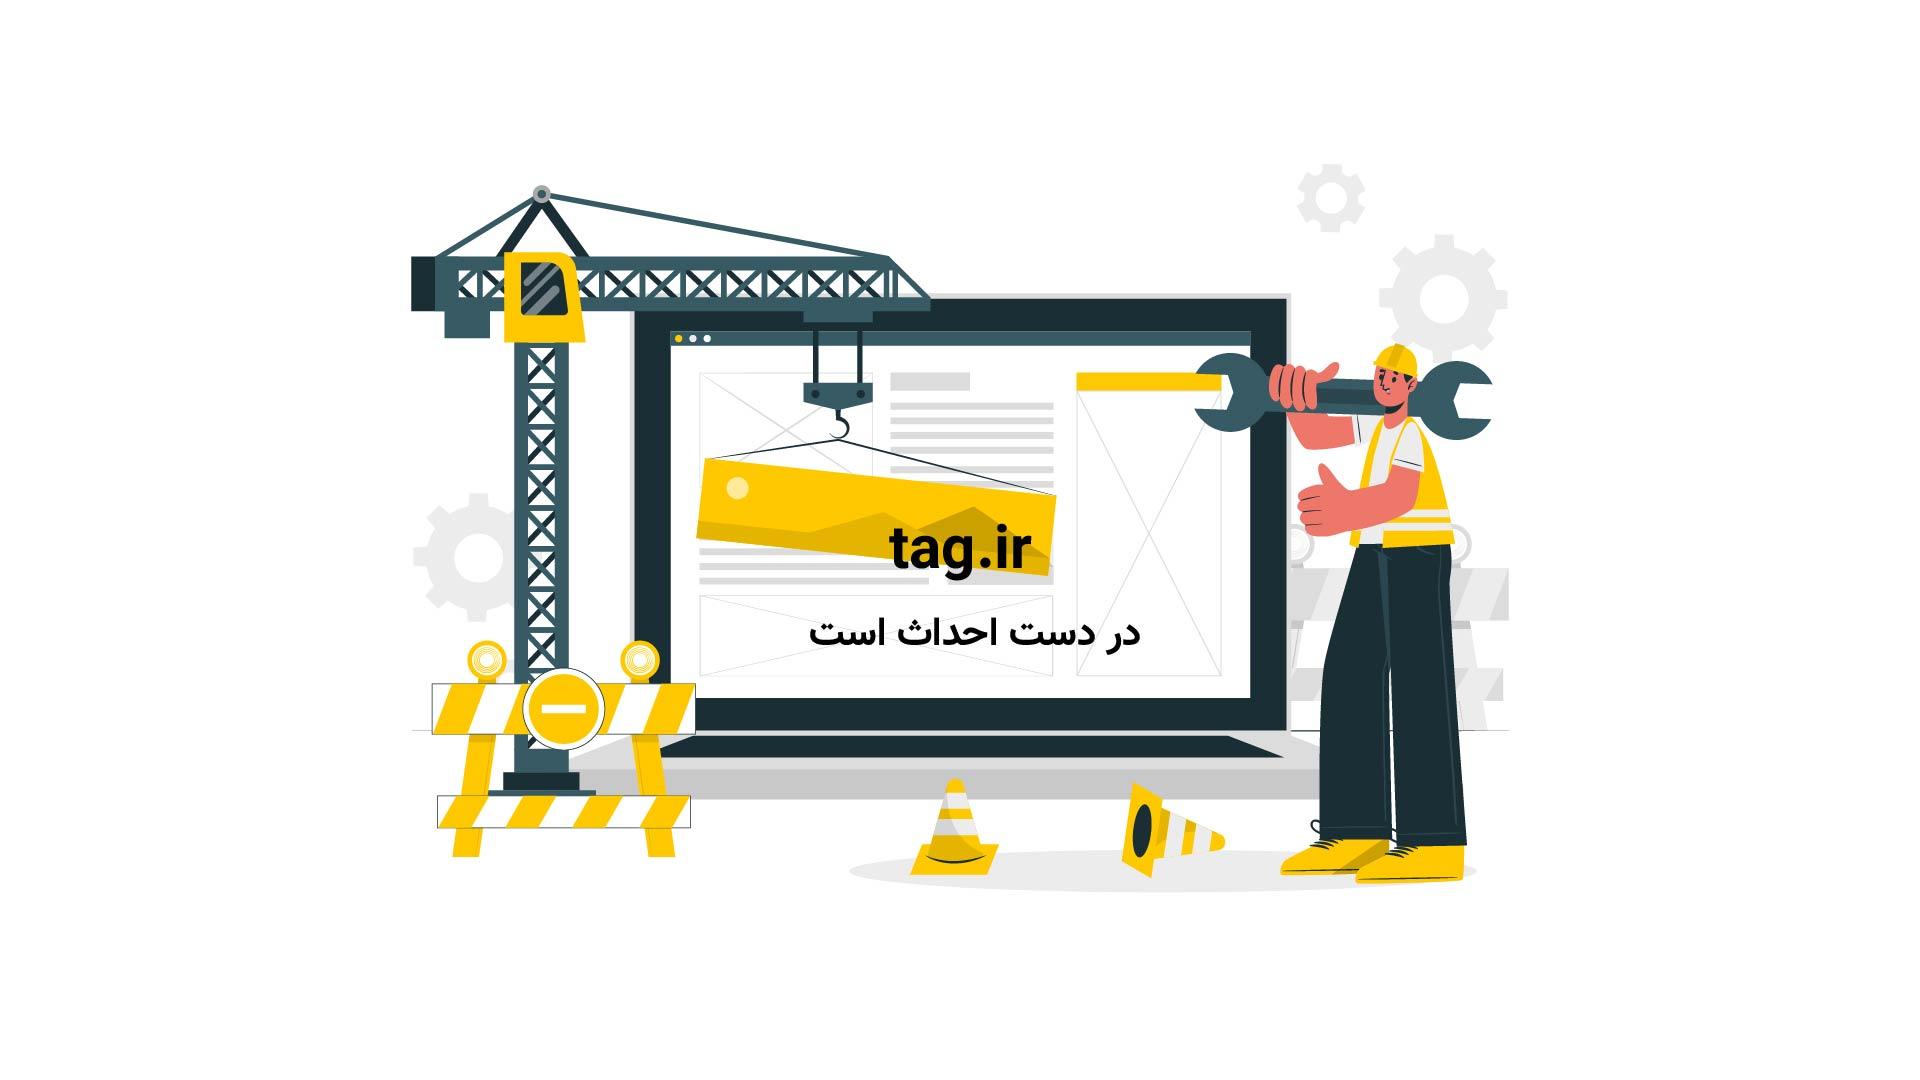 عناوین روزنامه های ورزشی سه شنبه 13 تیر | فیلم